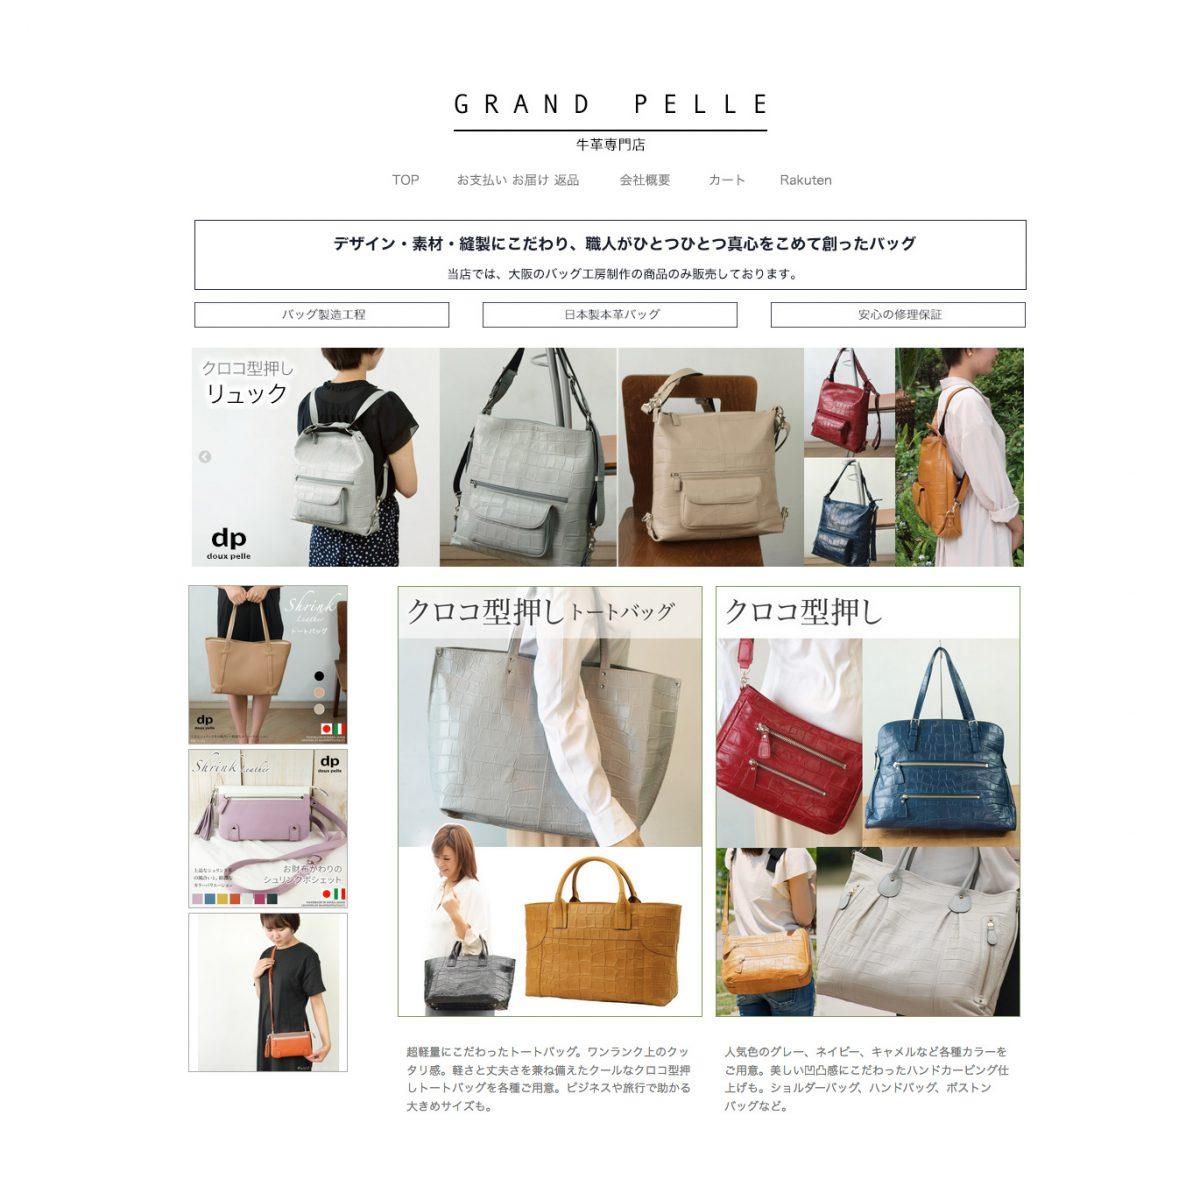 GRAND PELLE 〜楽天ショッピング〜